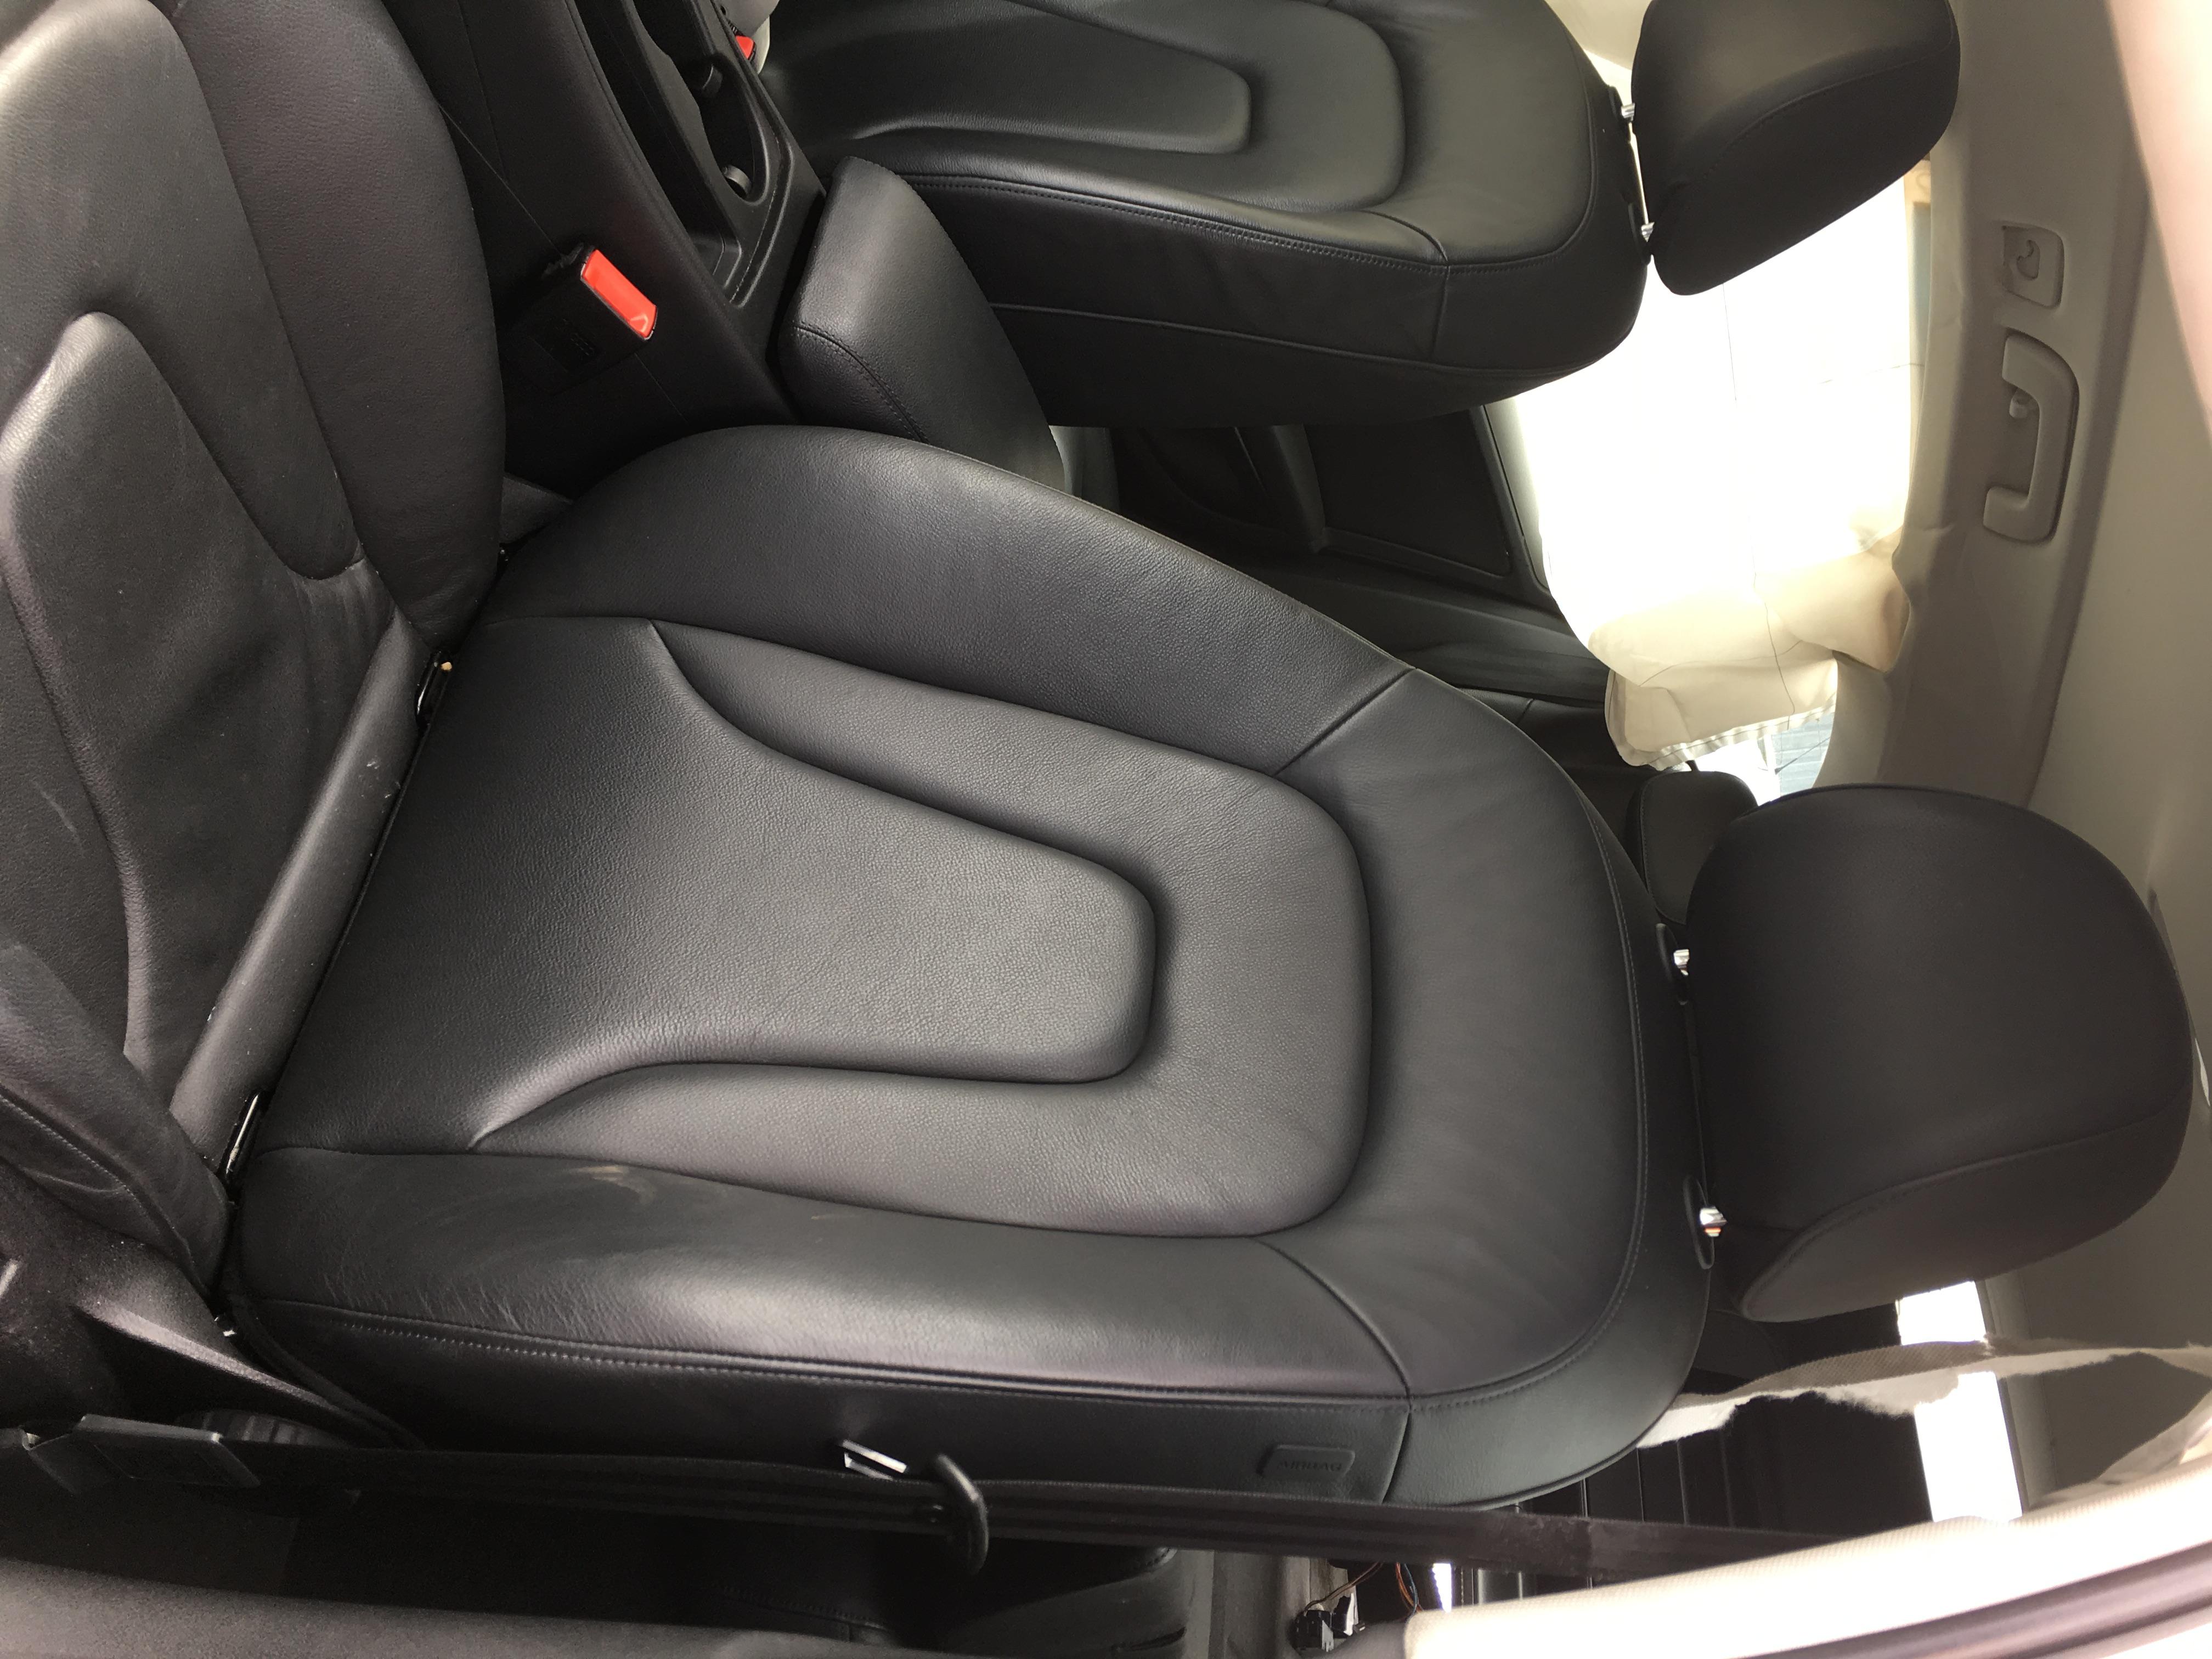 Audi A4 2010 Allroad